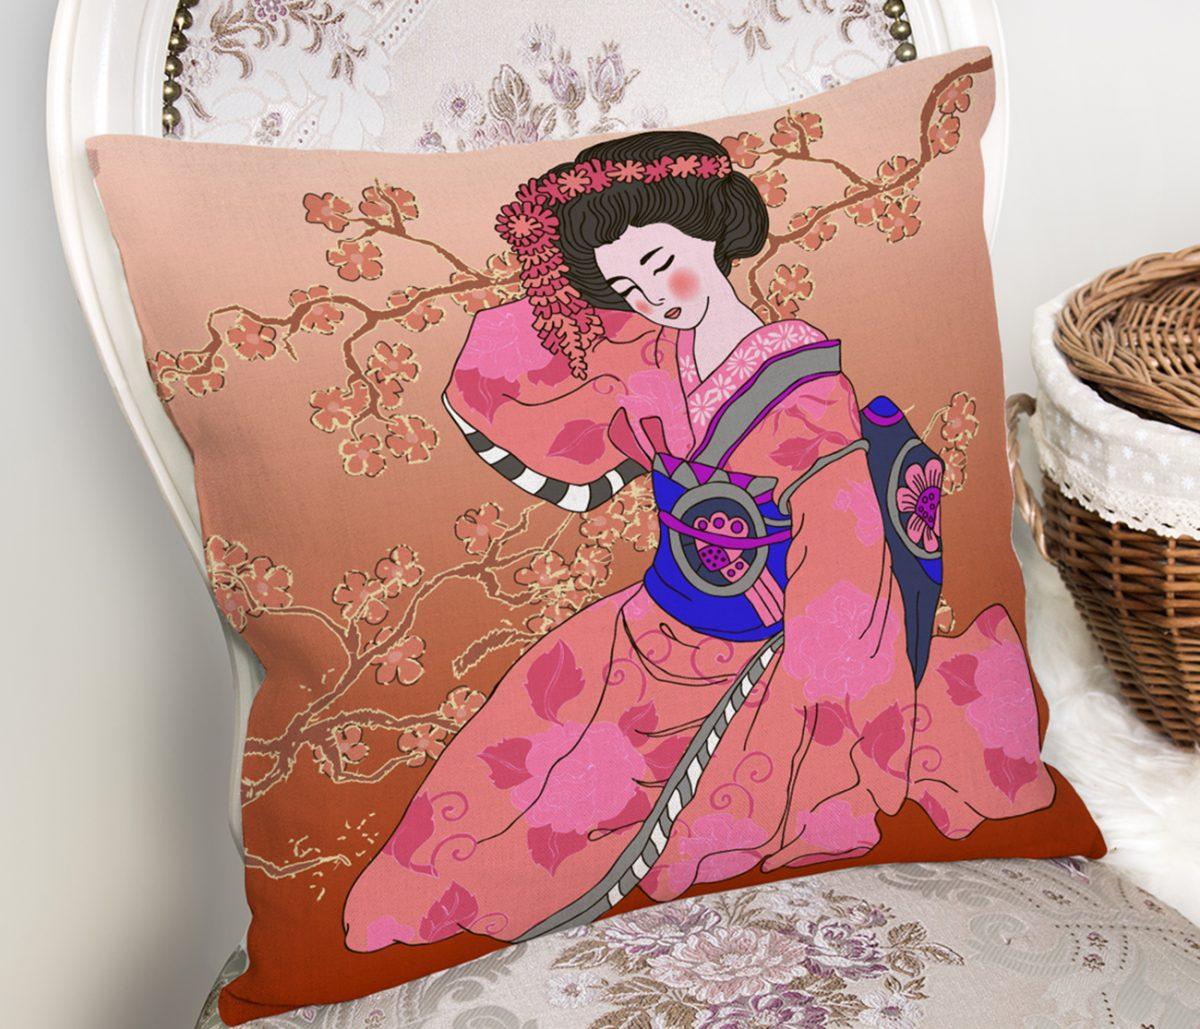 Çiçek Motifleri Üzerinde Japon Kız Desenli Modern Yastık Kılıfı Realhomes